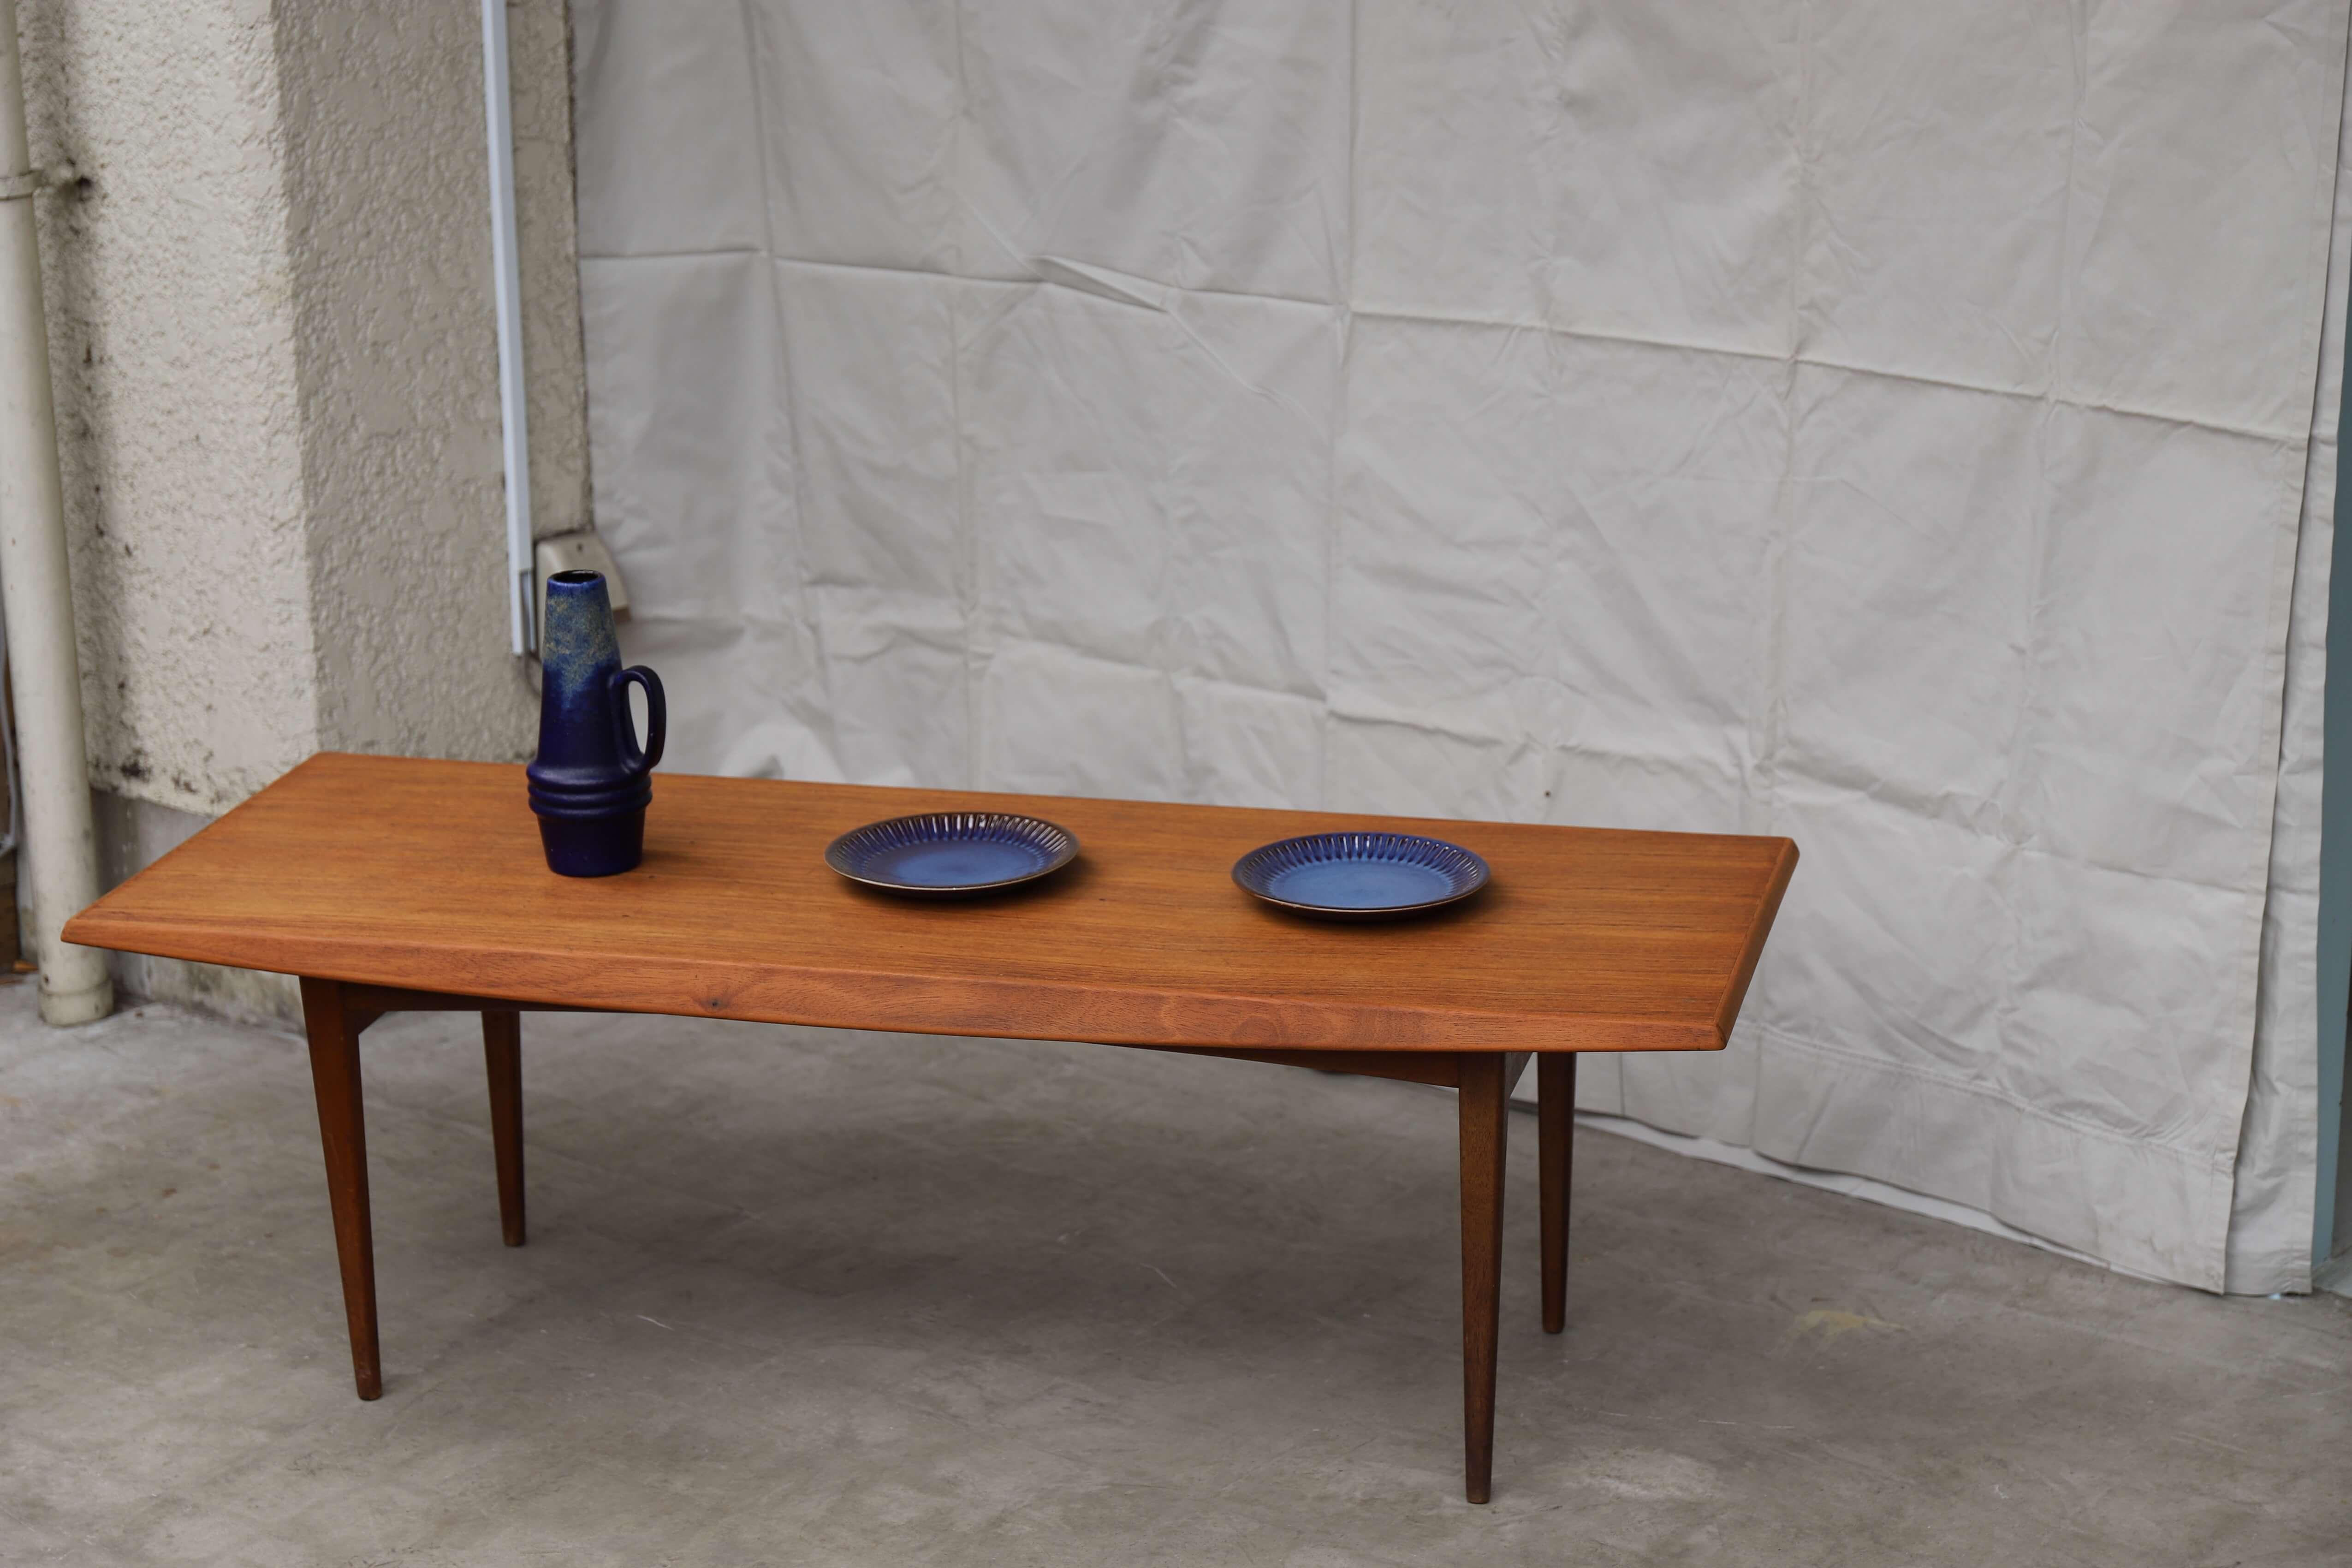 Gordon Russell コーヒーテーブル coffee table ローテーブル 机 イングランド ビンテージ